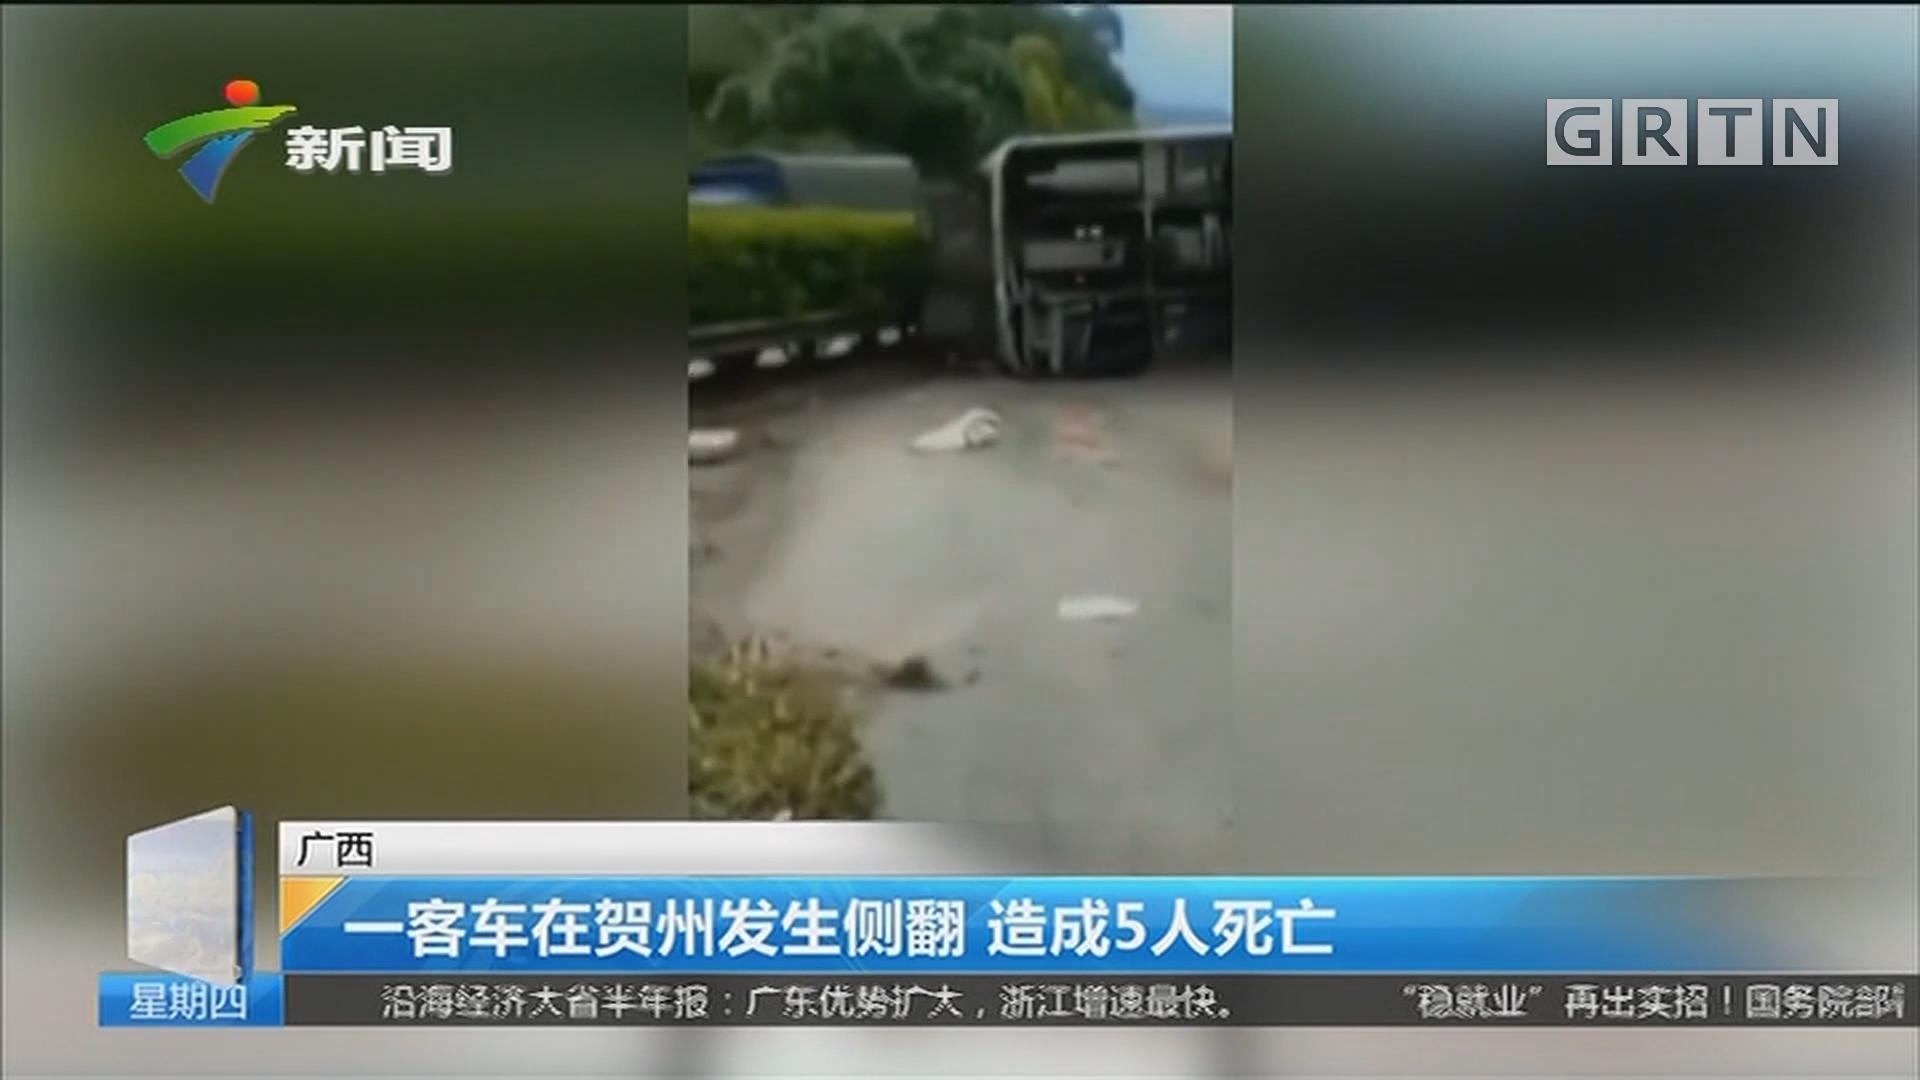 广西:一客车在贺州发生侧翻 造成5人死亡